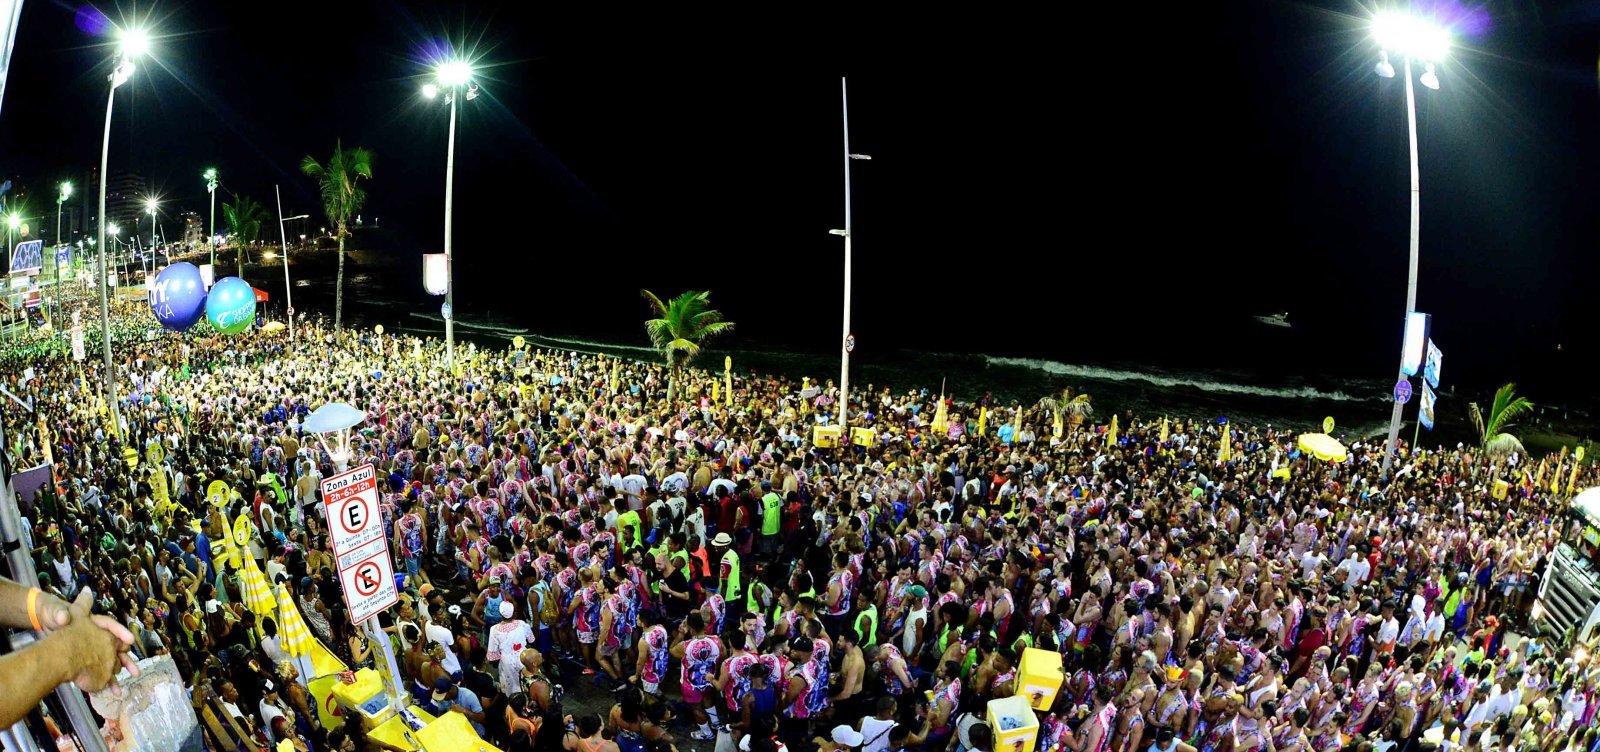 [Ocupação hoteleira no Carnaval já é 10% maior em comparação a 2019]